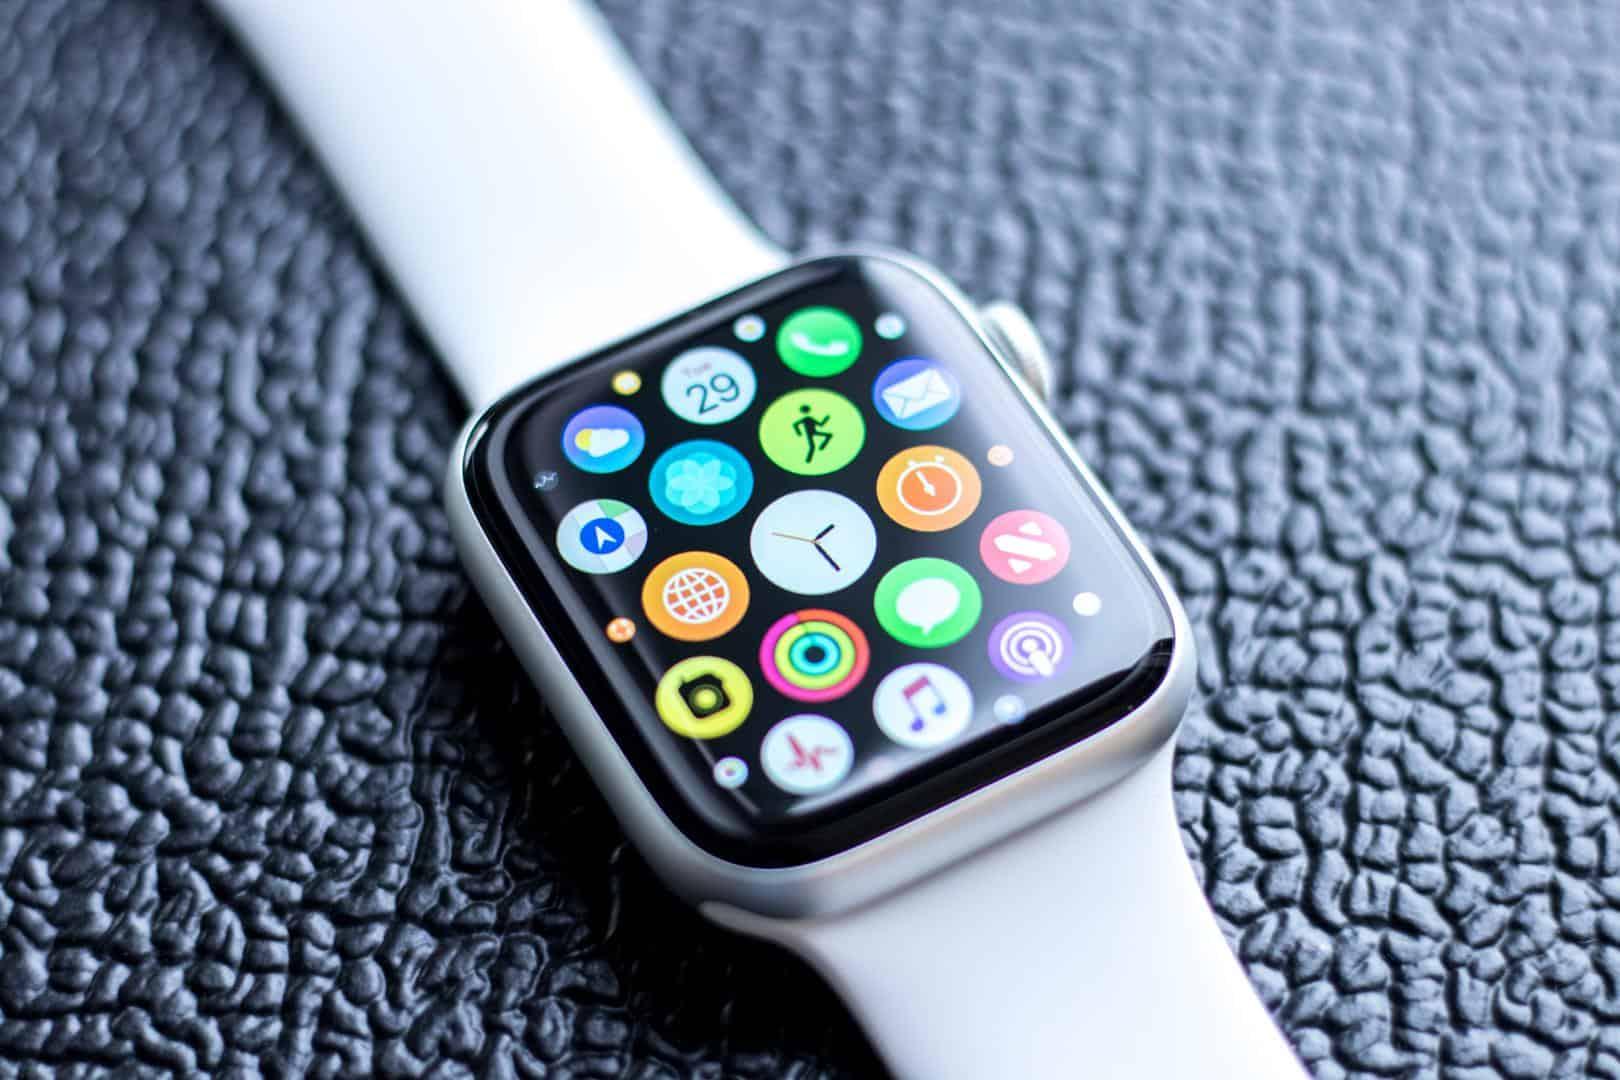 Với những chàng yêu thích công nghệ thì đồng hồ thông minh là gợi ý quà sinh nhật tuyệt vời cho chồng